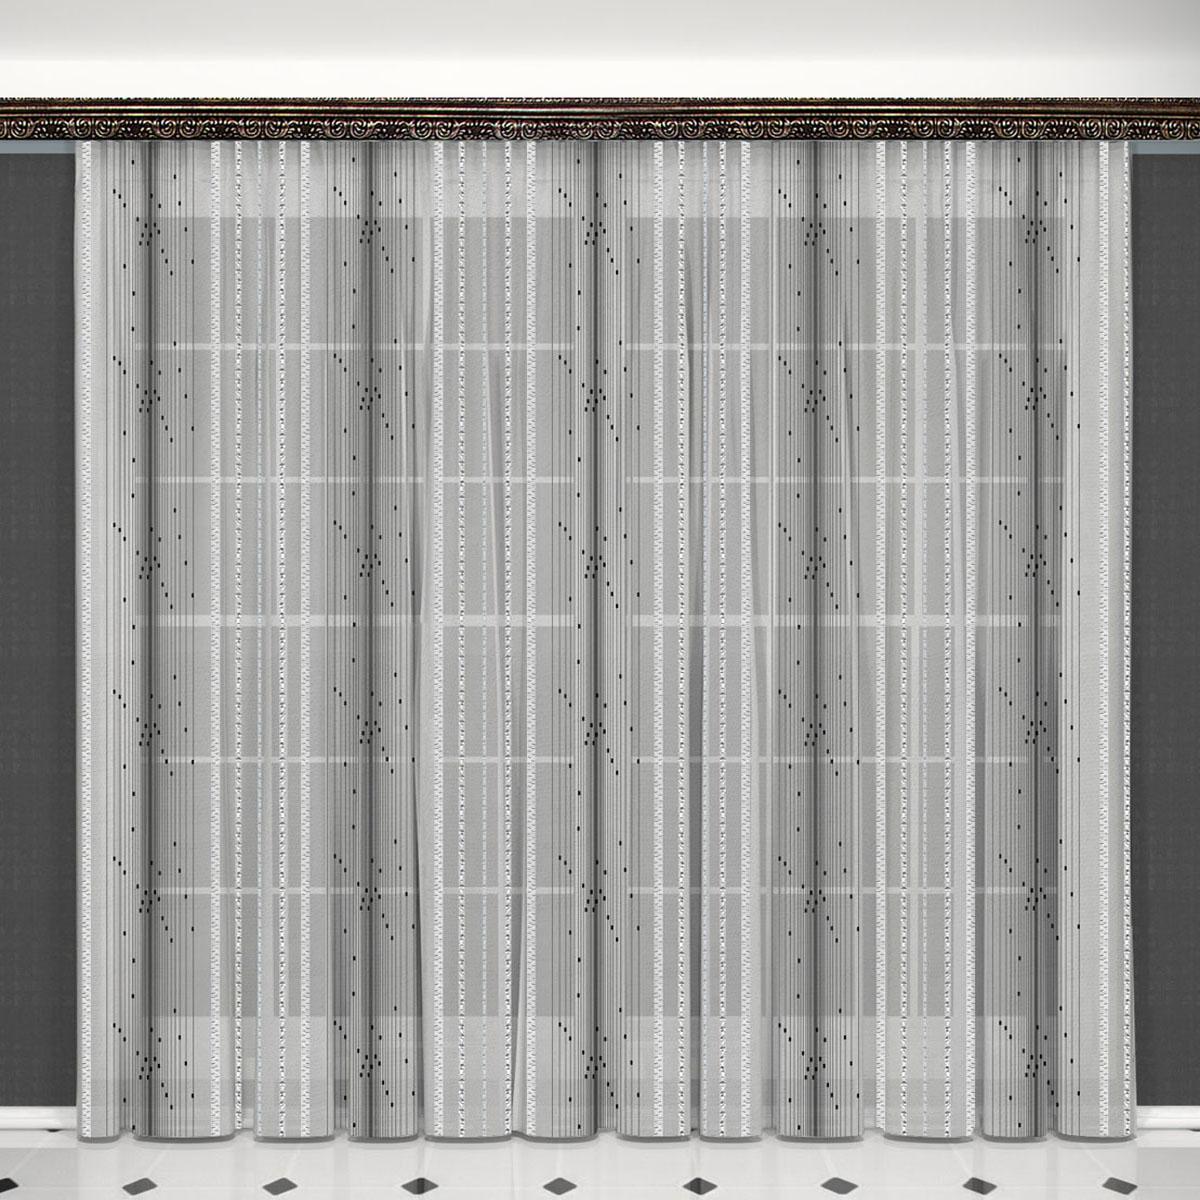 Гардина Zlata Korunka, на ленте, цвет: серый, высота 260 см. 5563304229-ФТ-ВЛ-001Воздушная гардина Zlata Korunka, изготовленная из высококачественного полиэстера, станет великолепным украшением любого окна. Оригинальное оформление гардины внесет разнообразие и подарит заряд положительного настроения.Крепится при помощи шторной ленты.